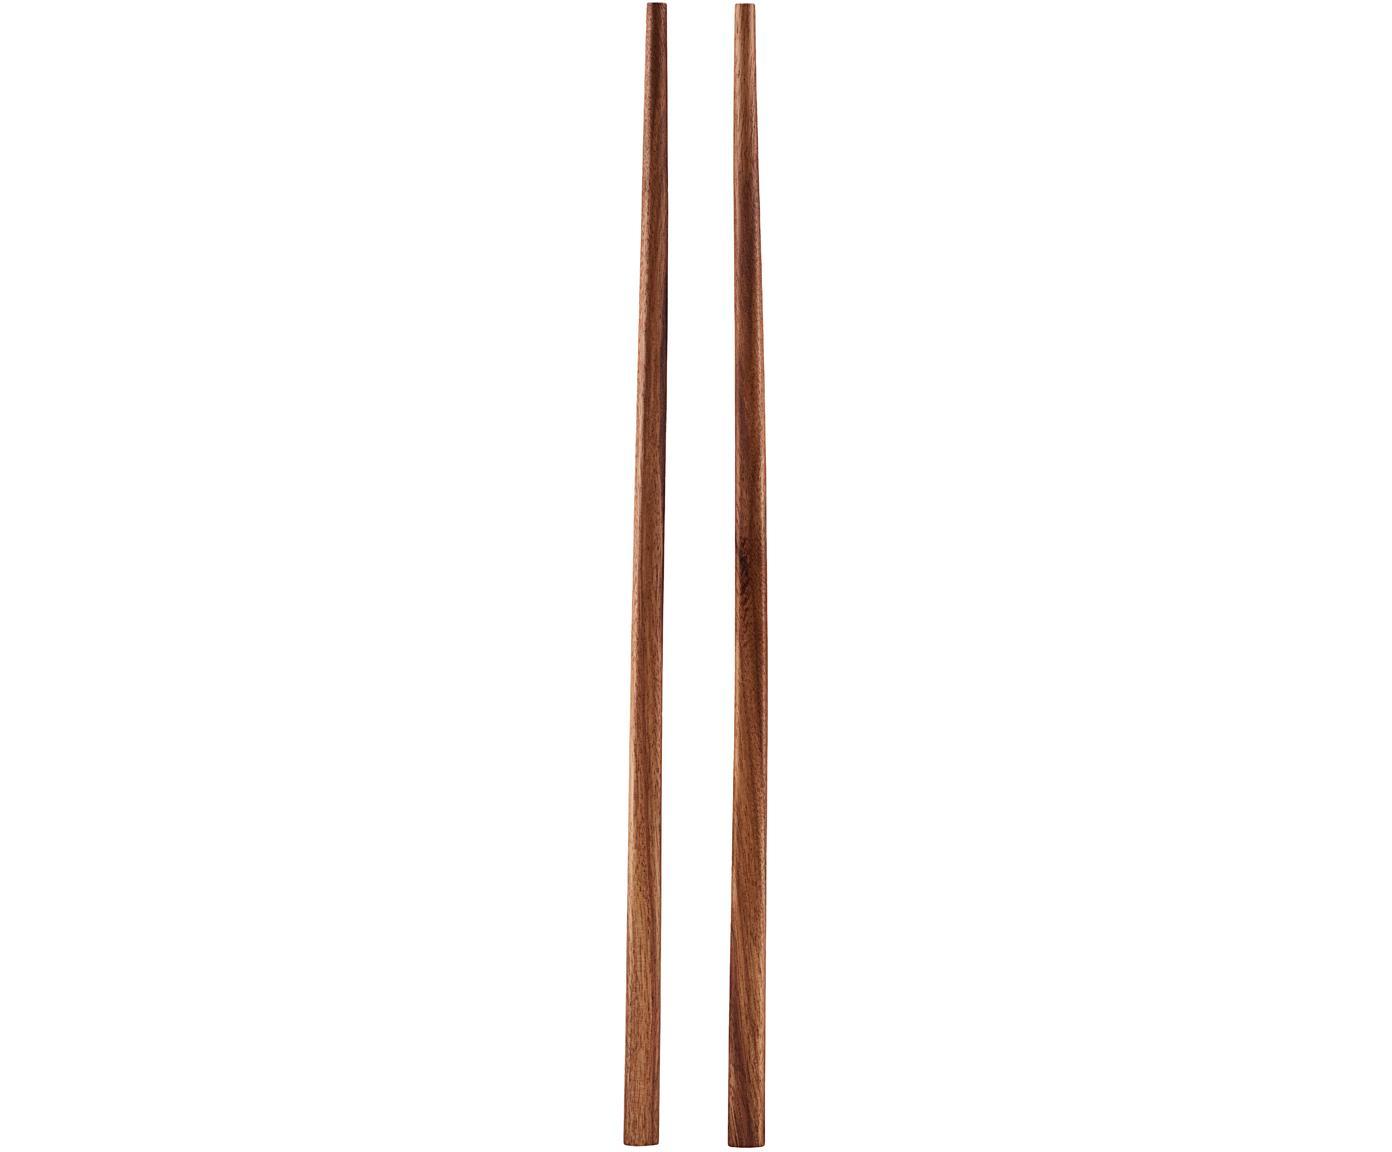 Bacchette Asia 6 pz, Legno di Palawan, Legno di Palawan, Lung. 23  cm